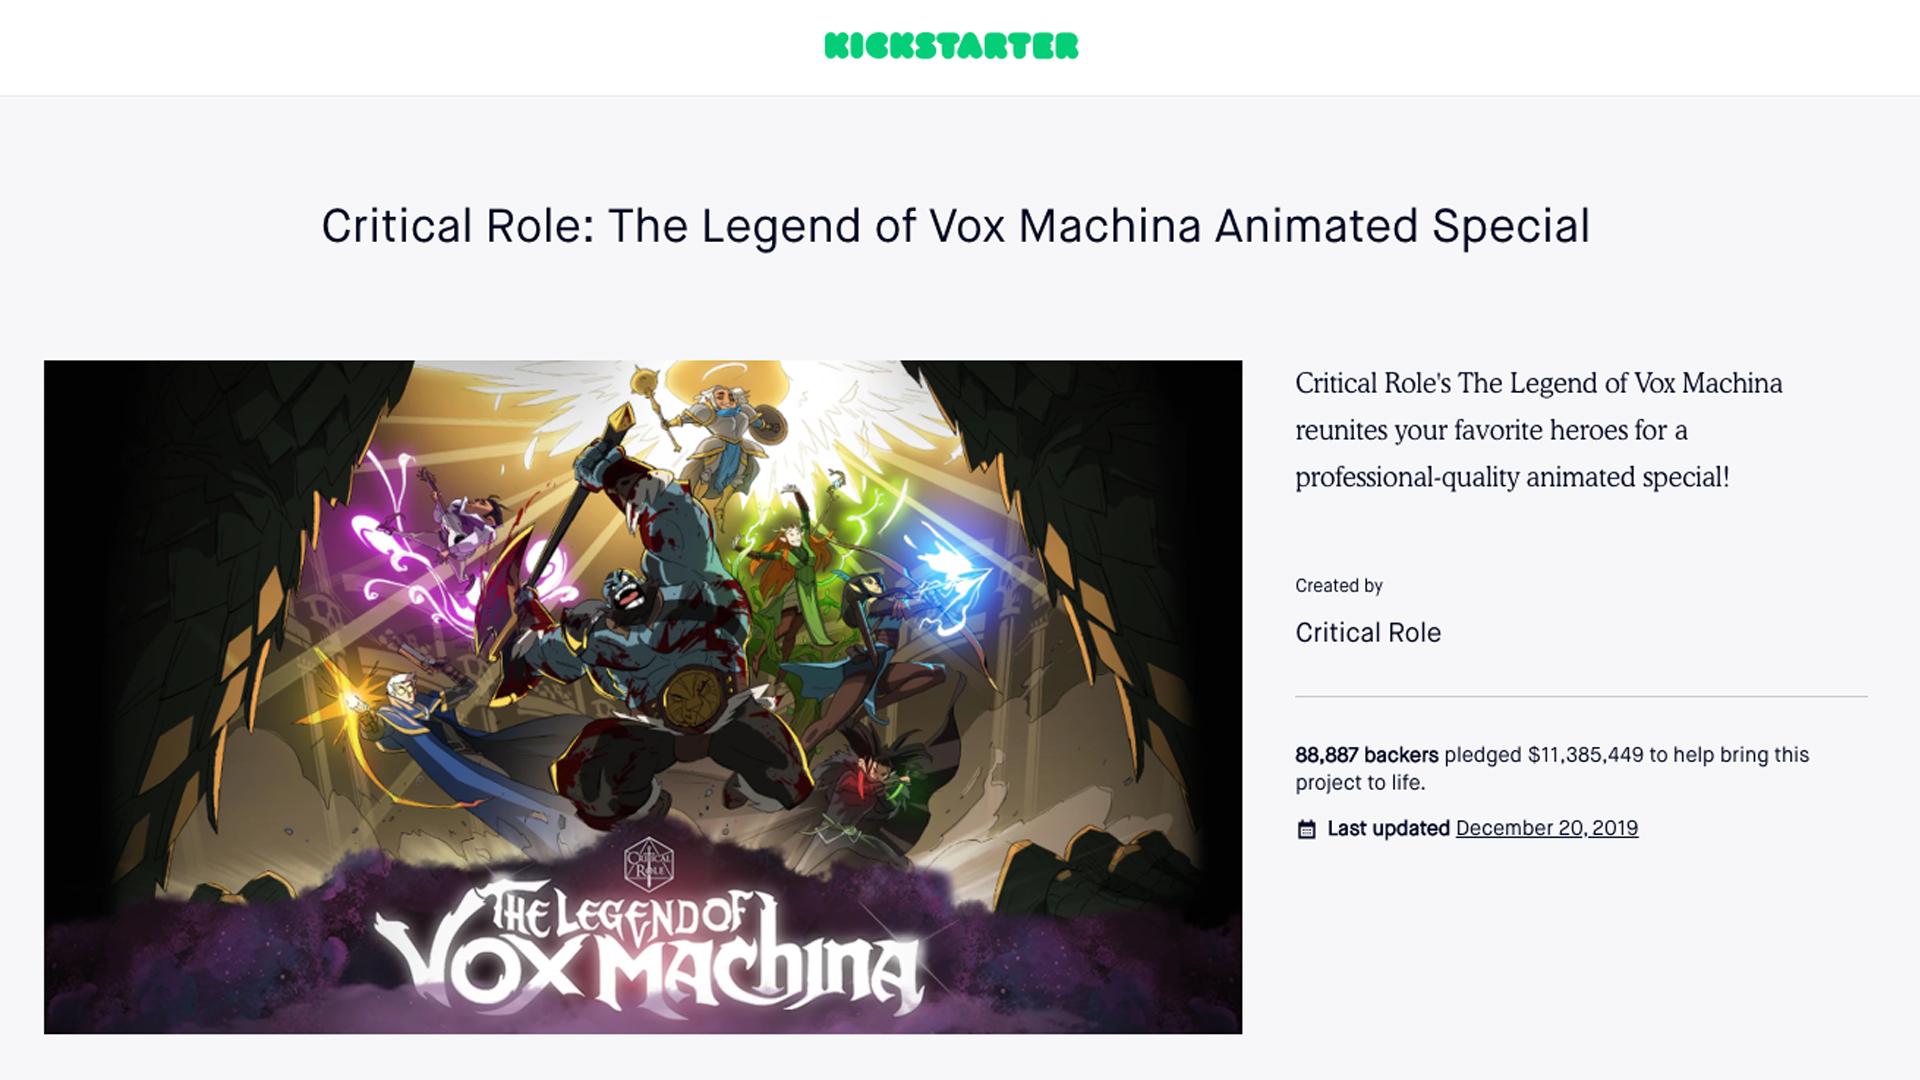 kickstarter-critical-role-legend-of-vox-machina.png